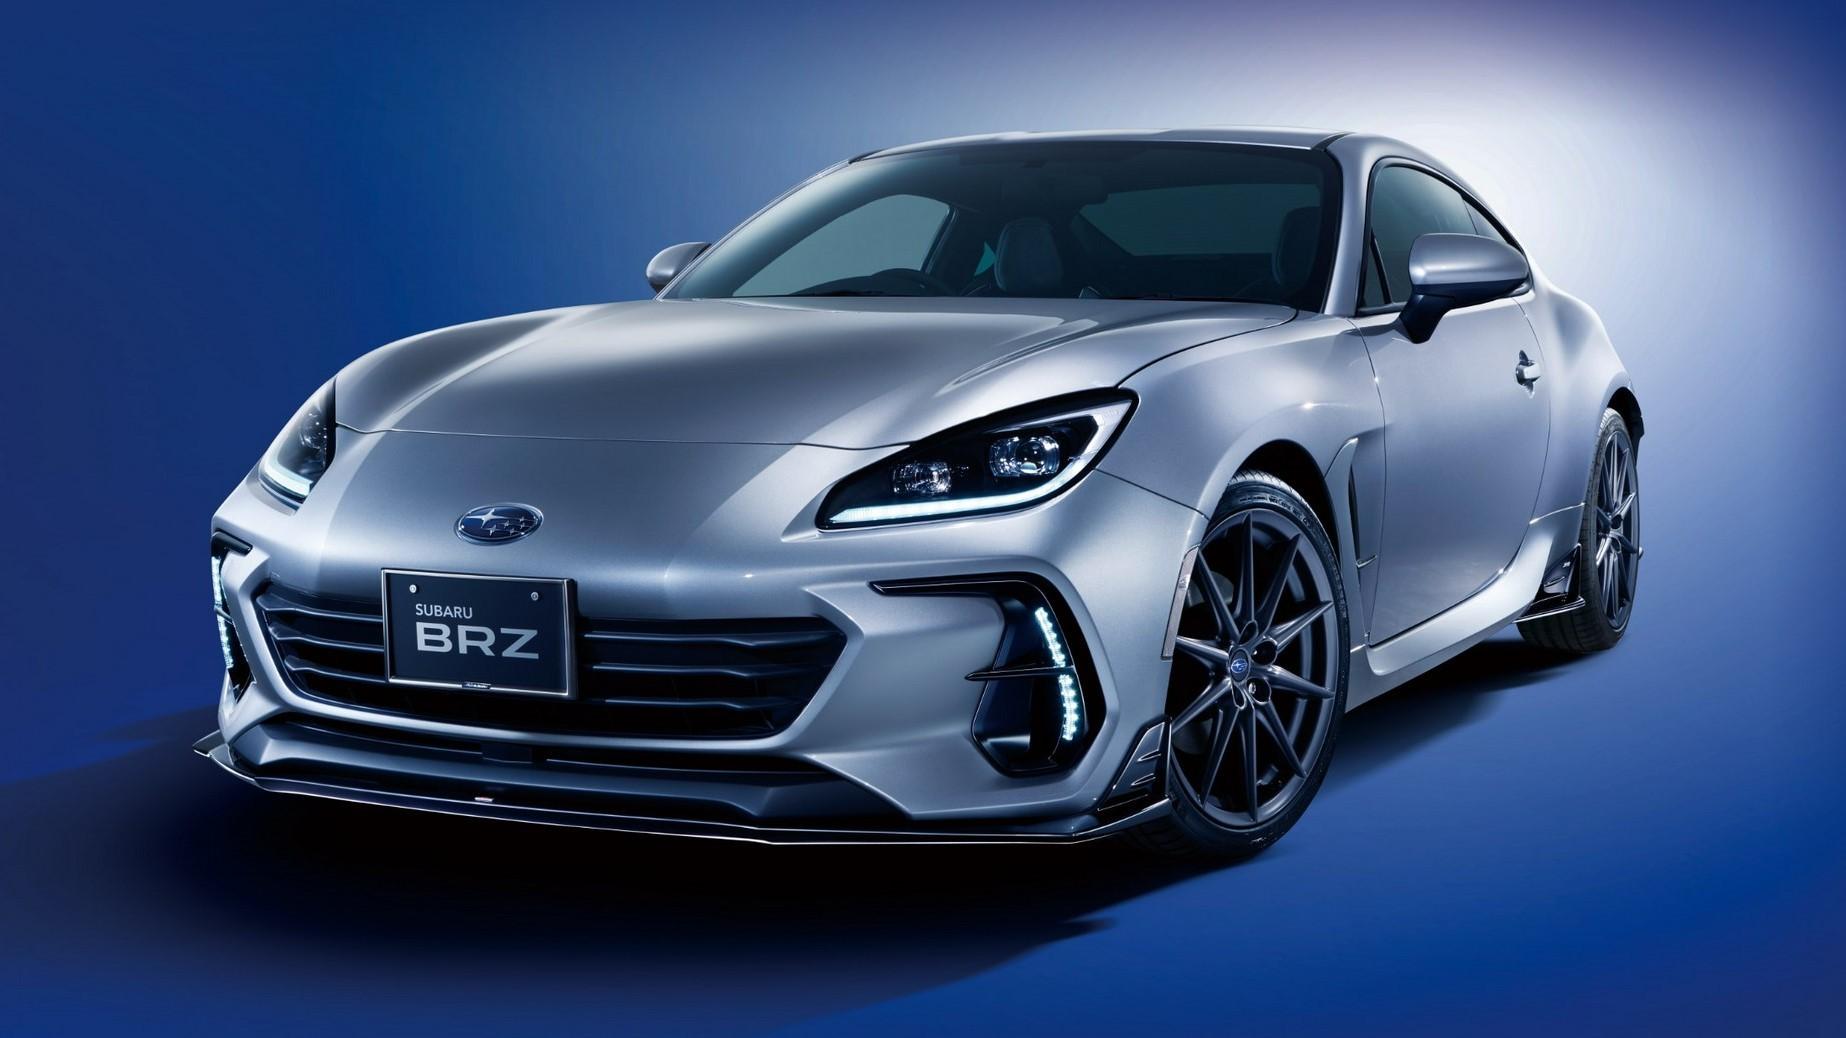 Llegan las STI Performance Parts para el nuevo Subaru BRZ